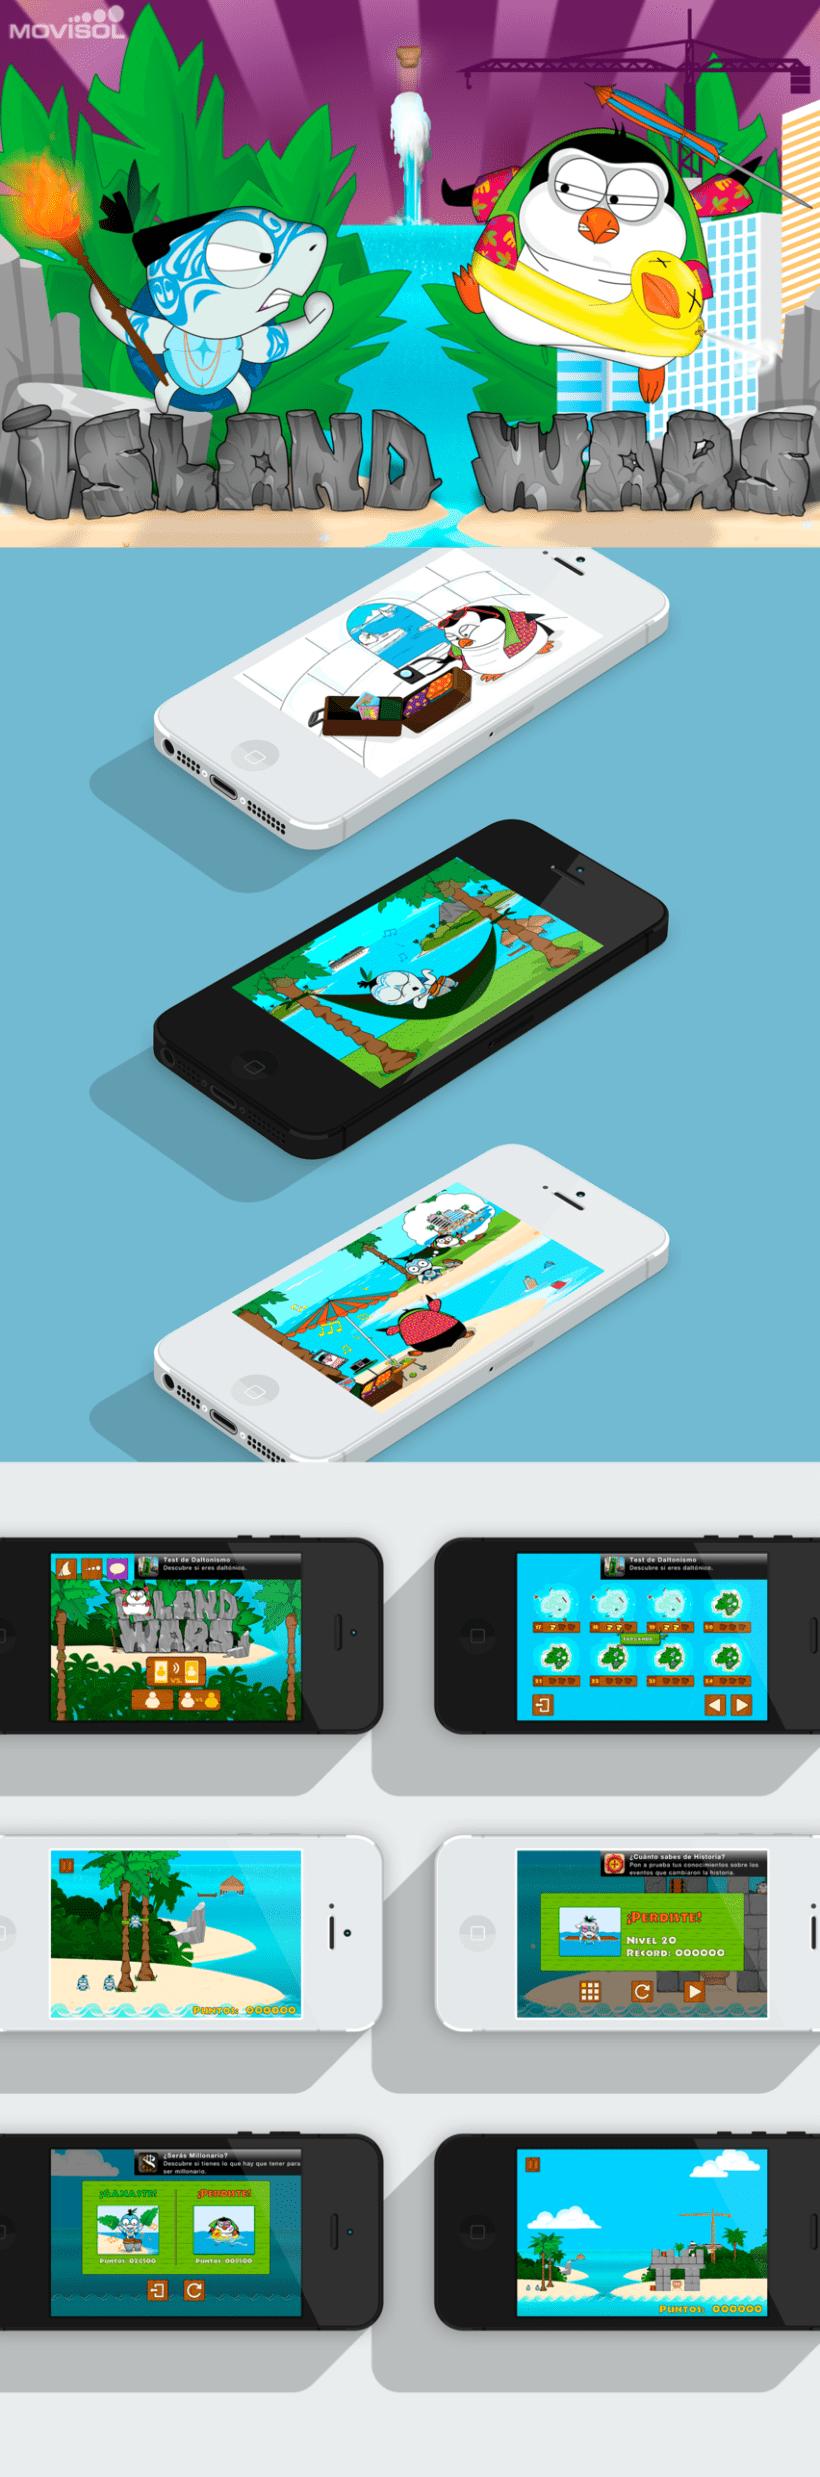 Juego Island Wars para IOS 1